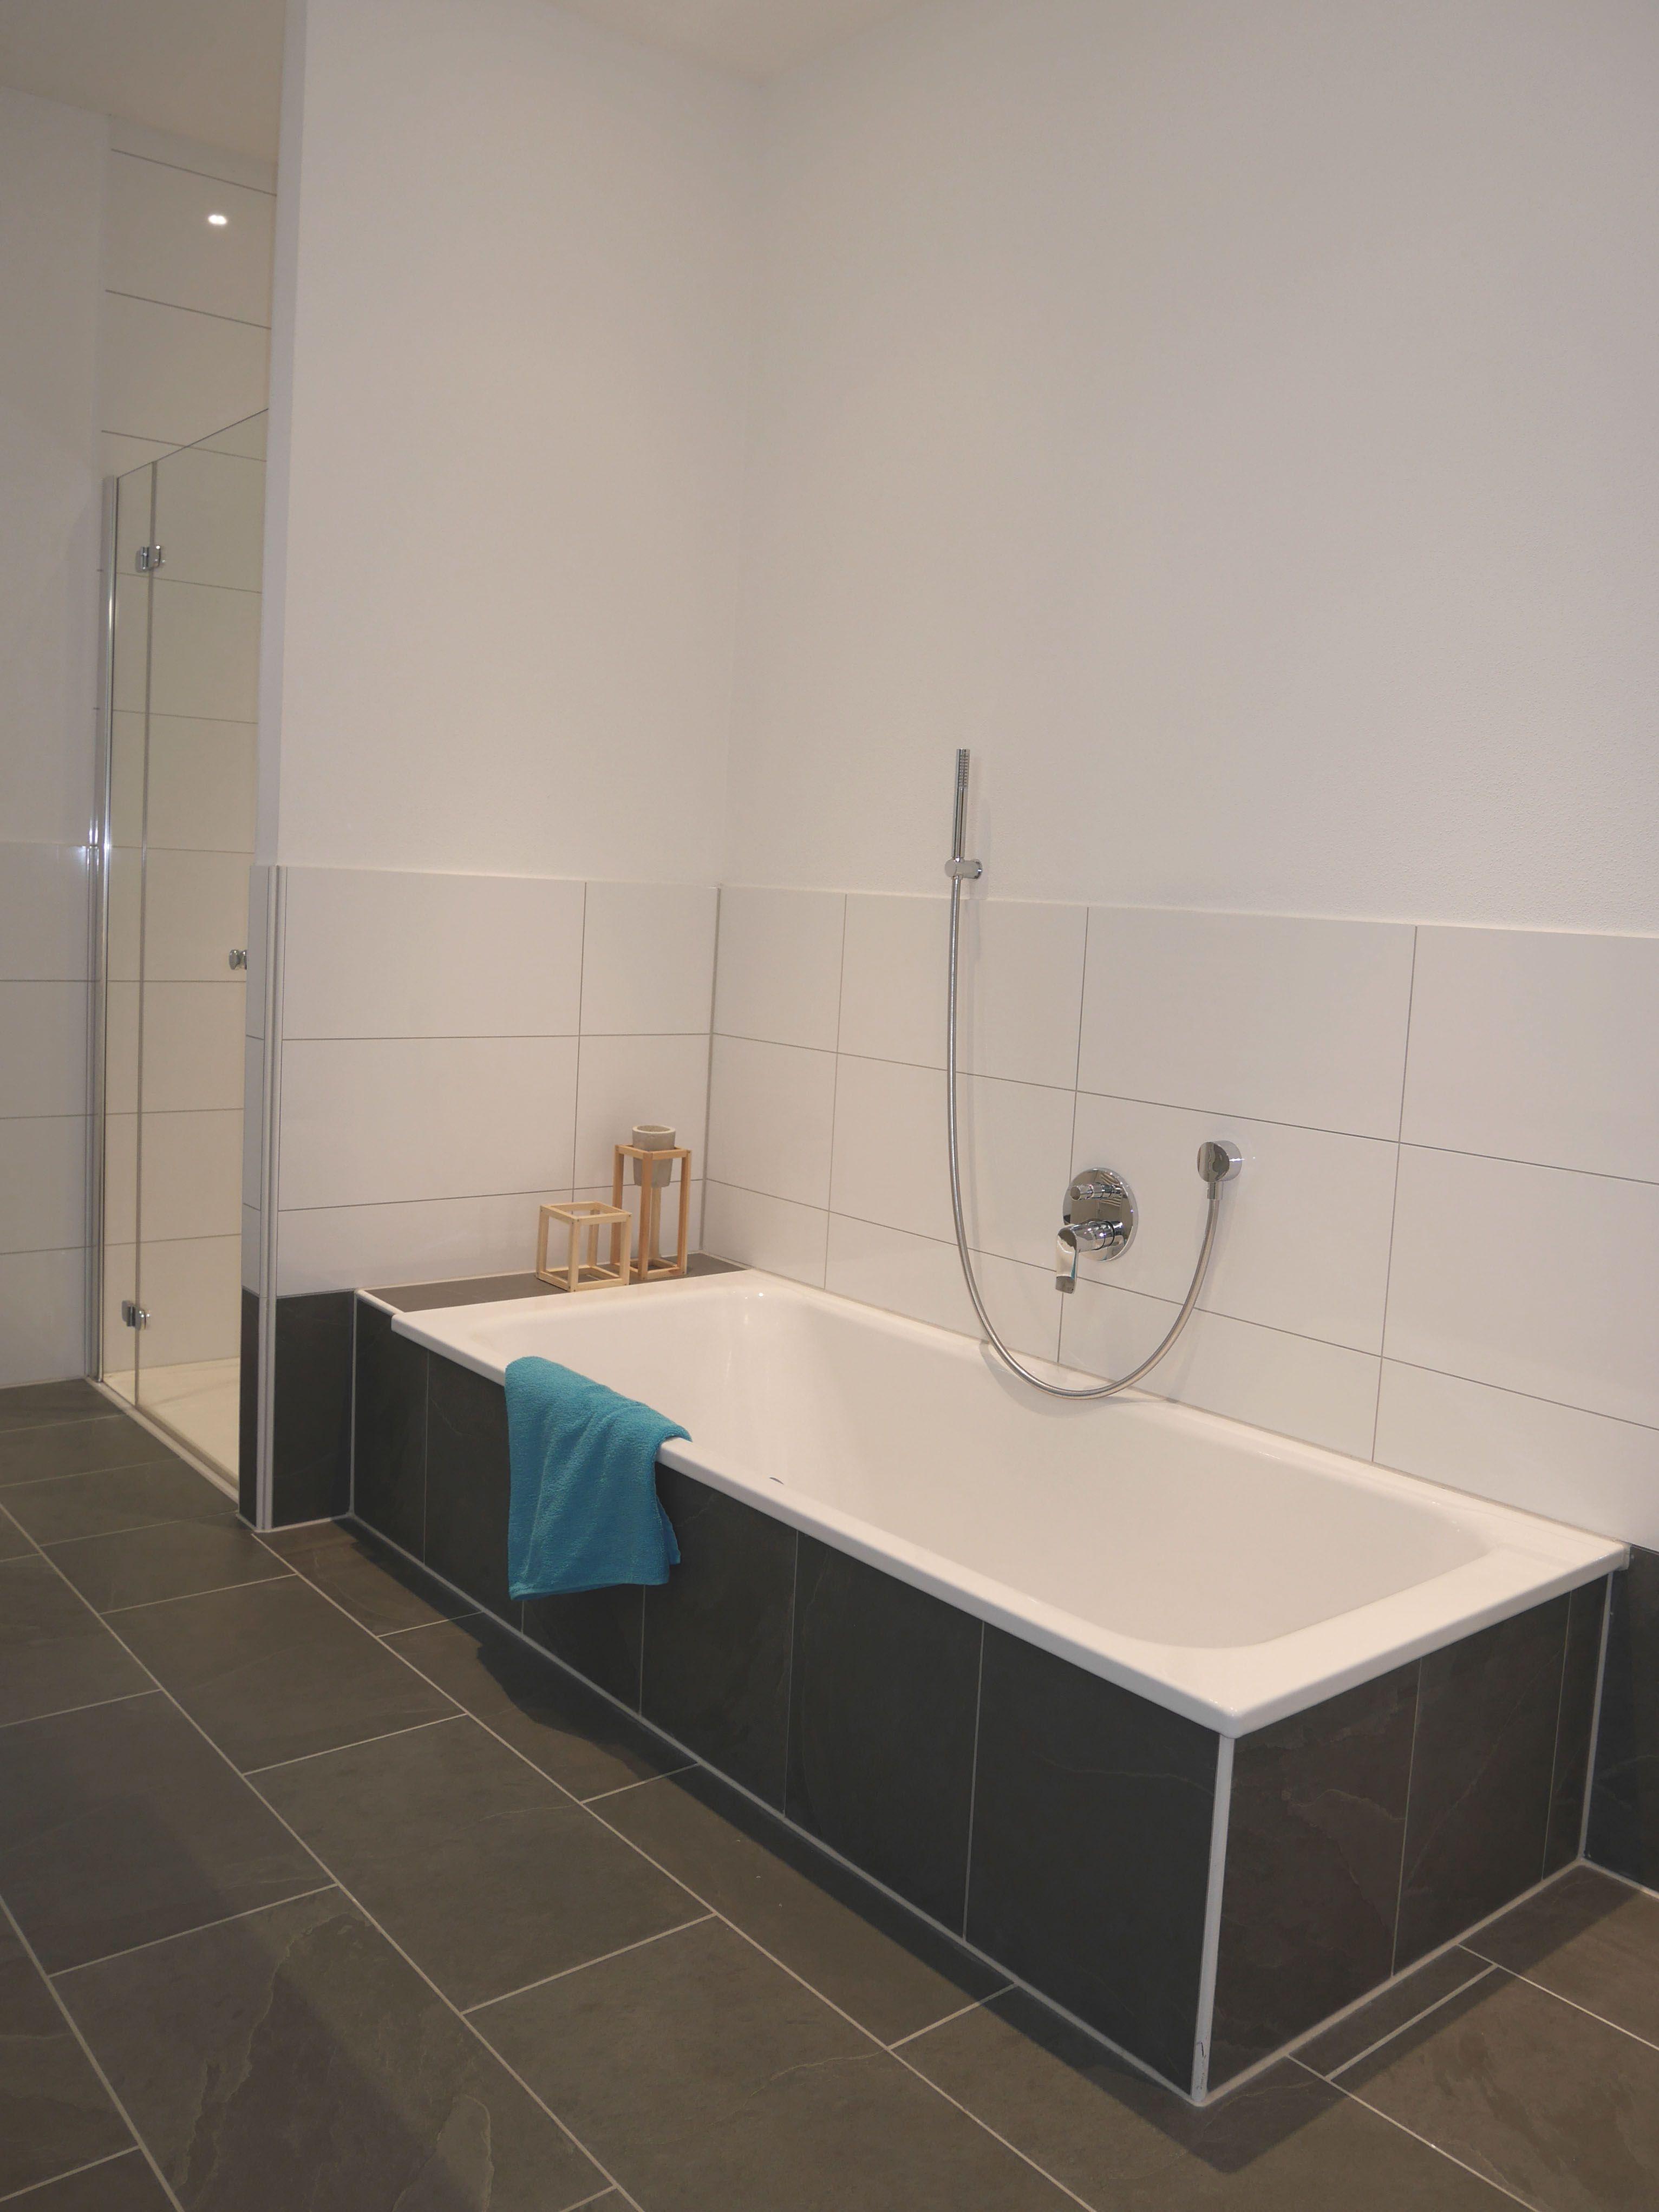 Um Die Einbau Badewanne Hervorzuheben Wurde Diese Mit Dunklen Fliesen  Verkleidet Ein Idealer Kontrast Zur Reinweißen Wanne.An Der Stirnseite  Entstand .